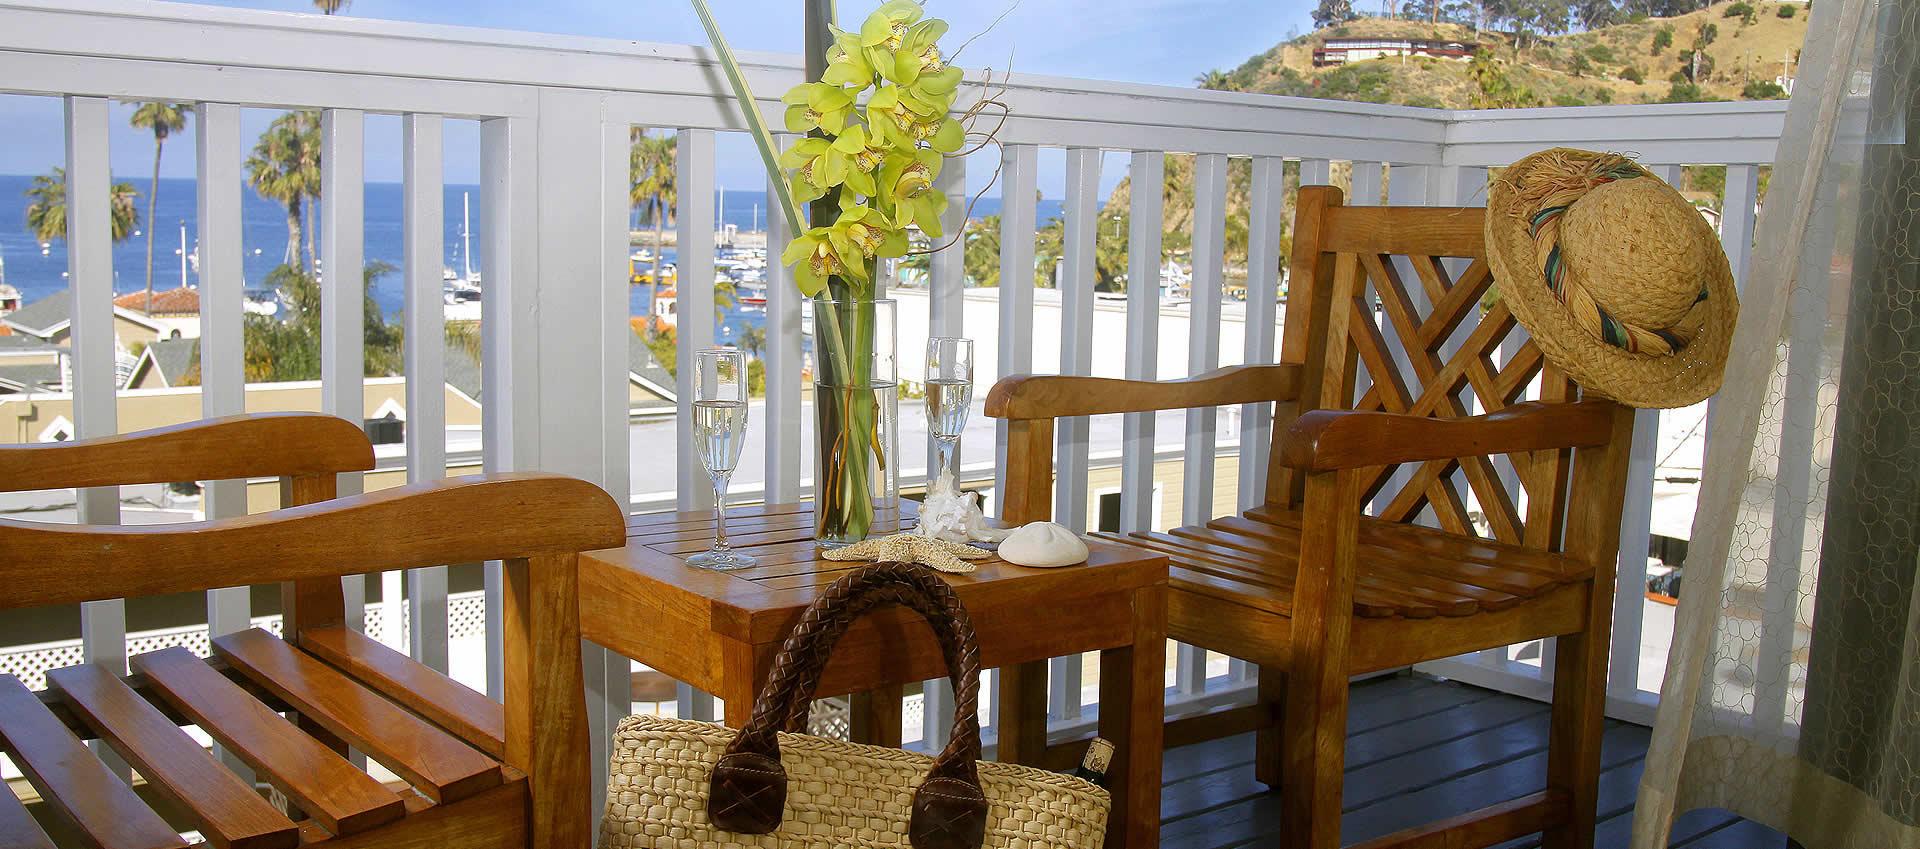 WZPhotography-Catalina Island Inn